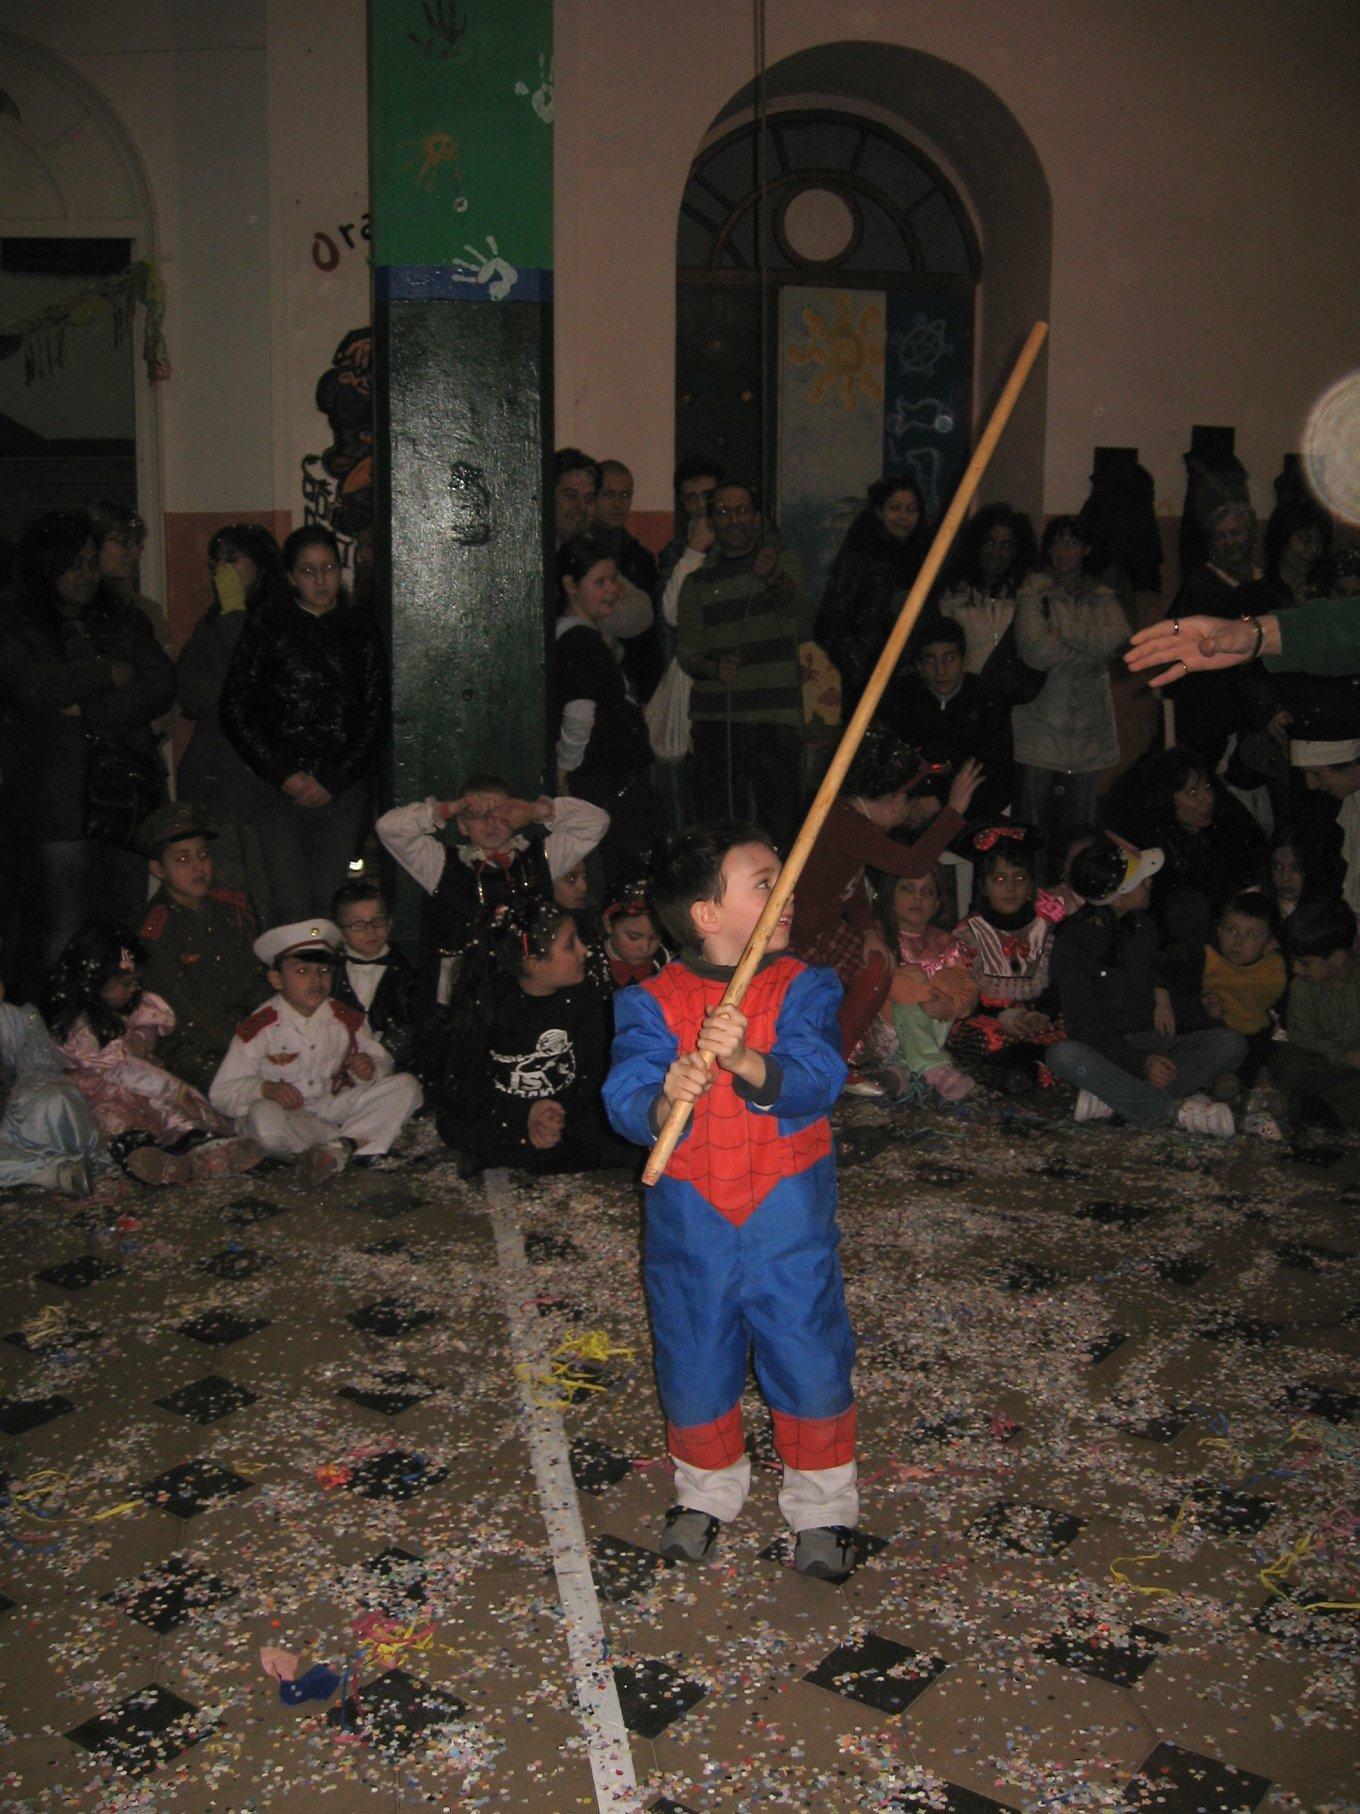 Pentolaccia-2009-02-22--17.13.24.jpg